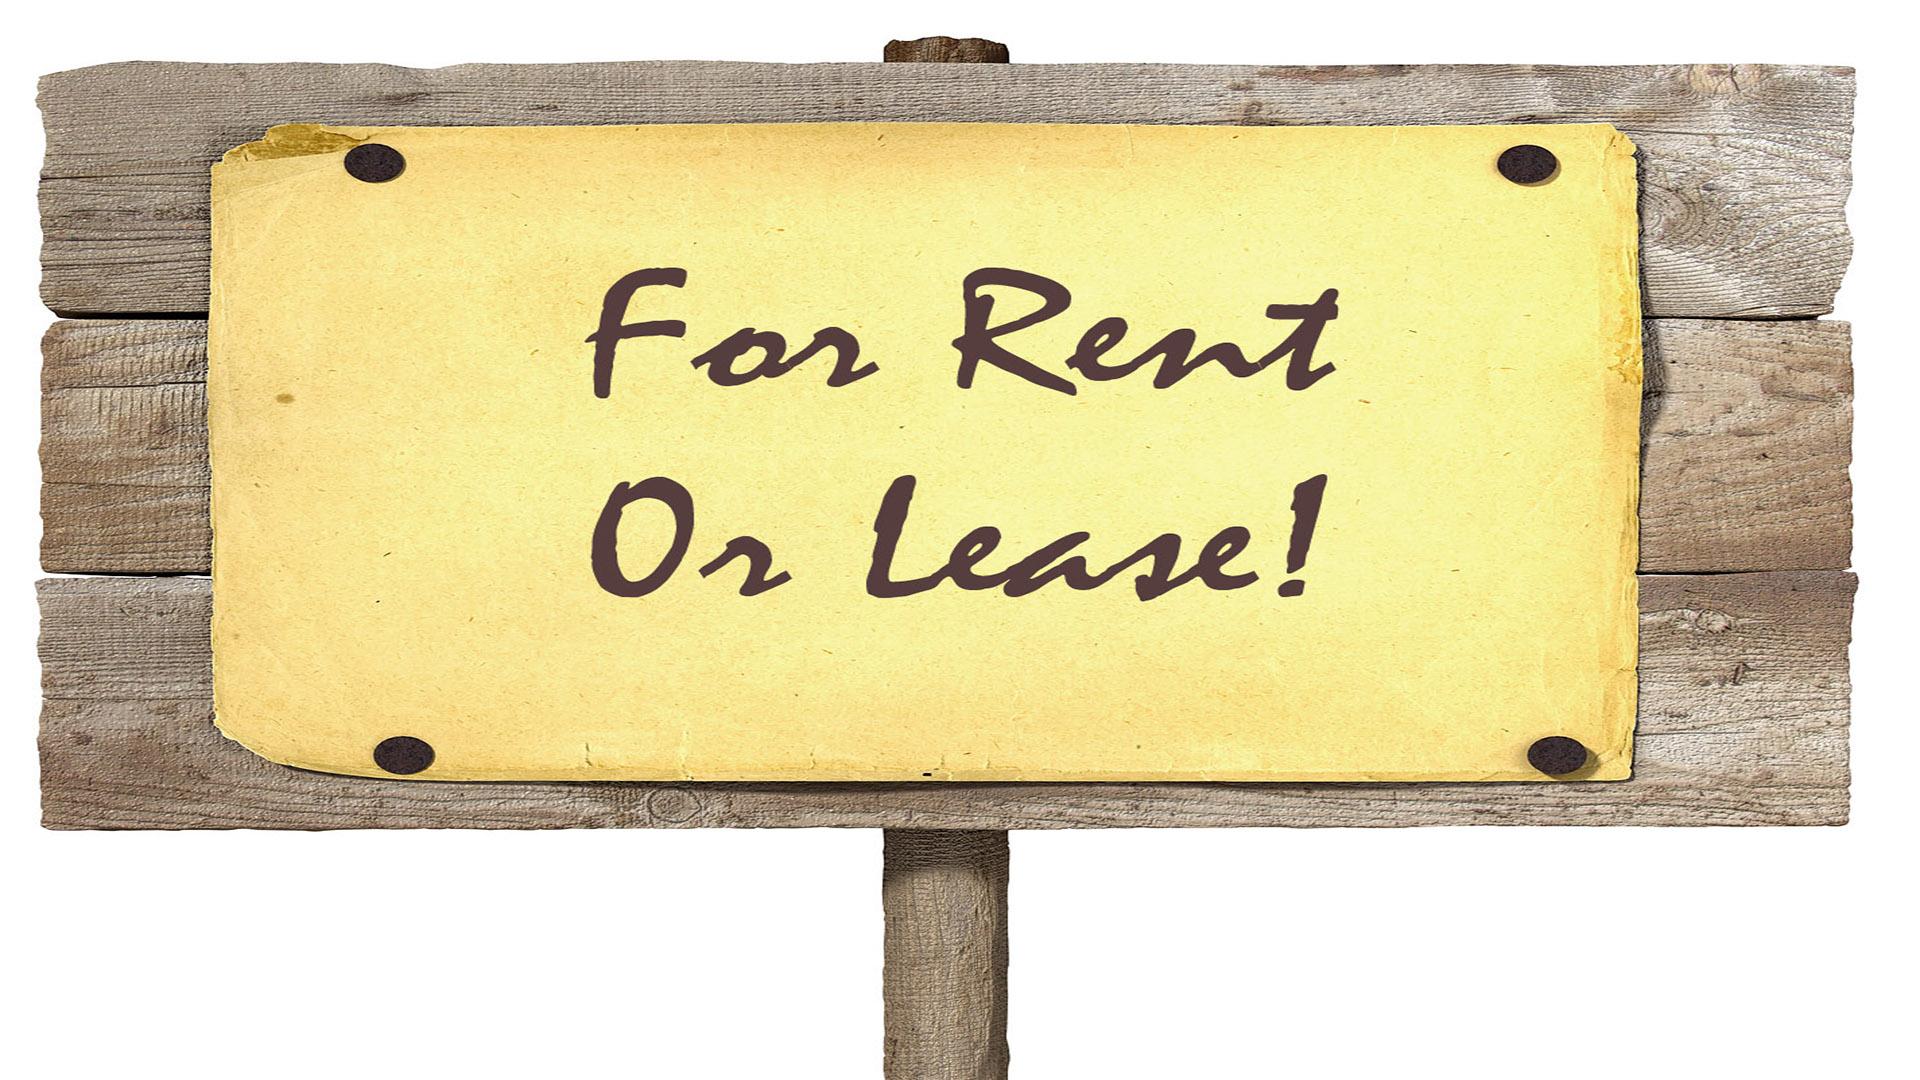 Financiación de un negocio: ¿Leasing o renting?